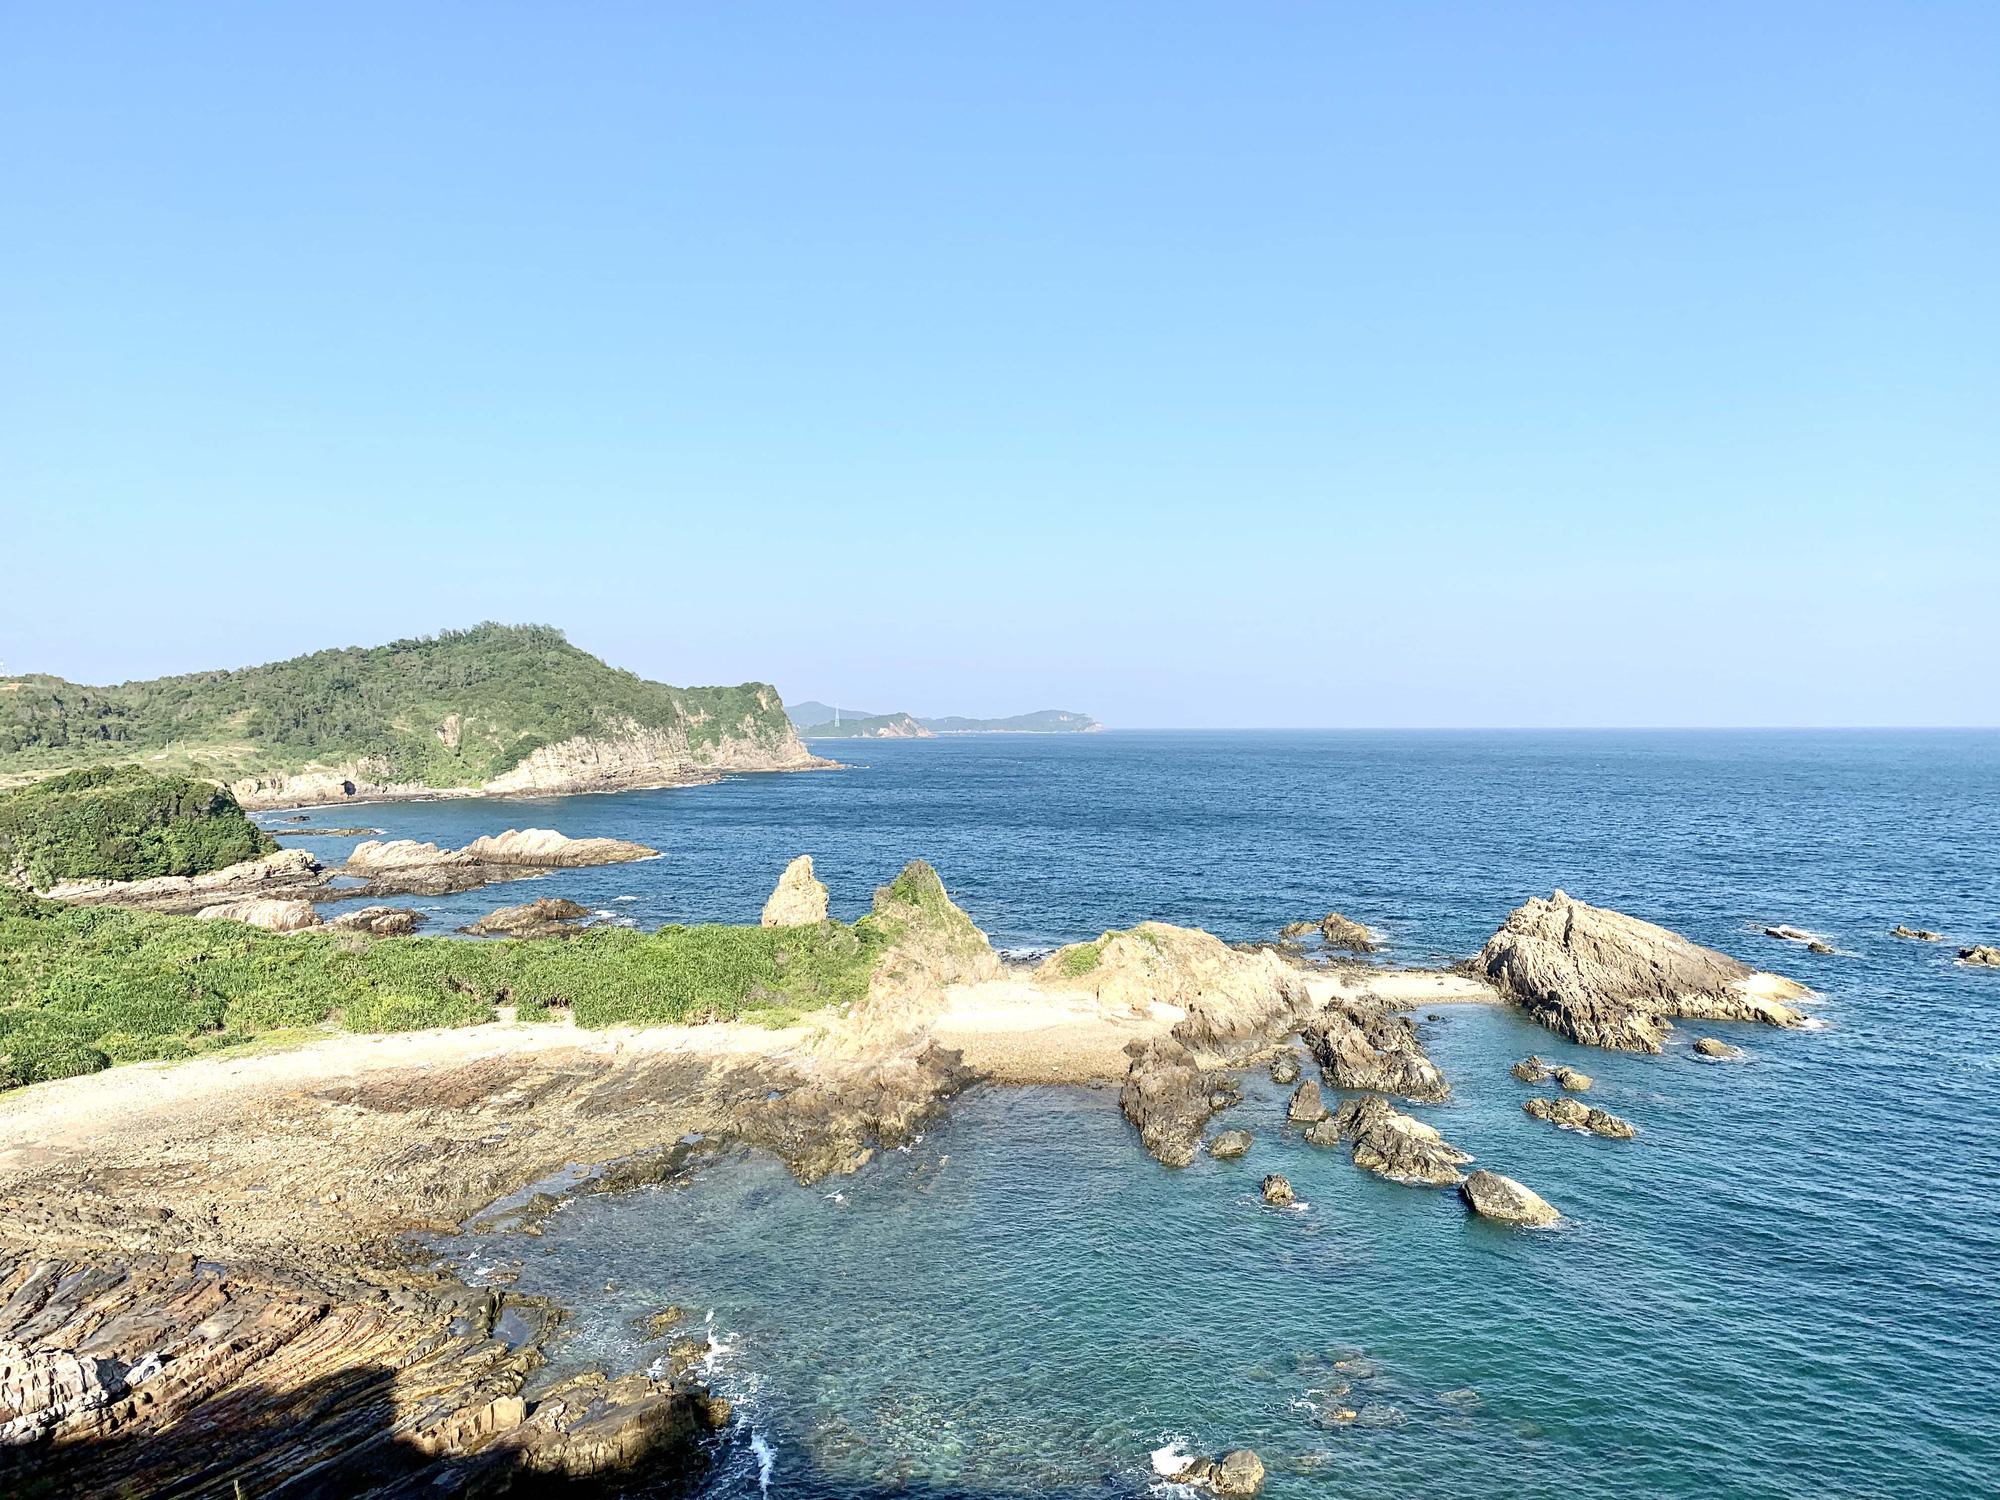 Quảng Ninh tạm dừng hoạt động các khu du lịch, bãi biển công cộng từ 12h ngày 4/8/2021